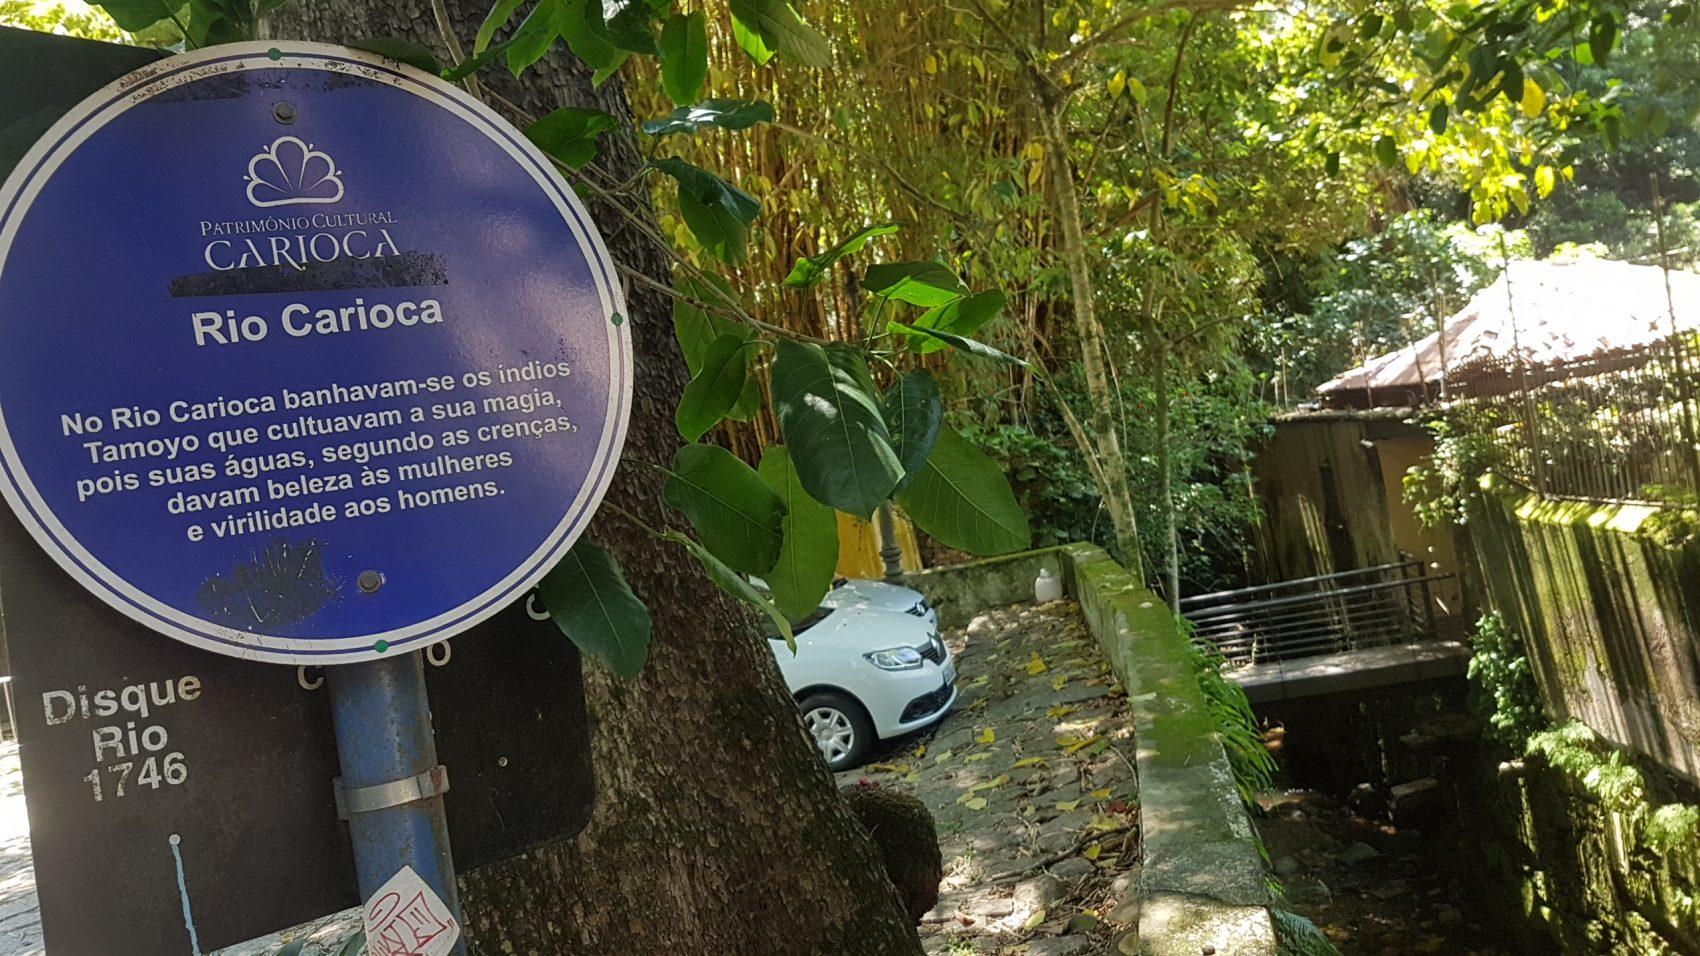 Placa indica o Rio Carioca: uma das poucas partes visíveis do rio que dá nome aos nativos da cidade (Foto: Oscar Valporto)